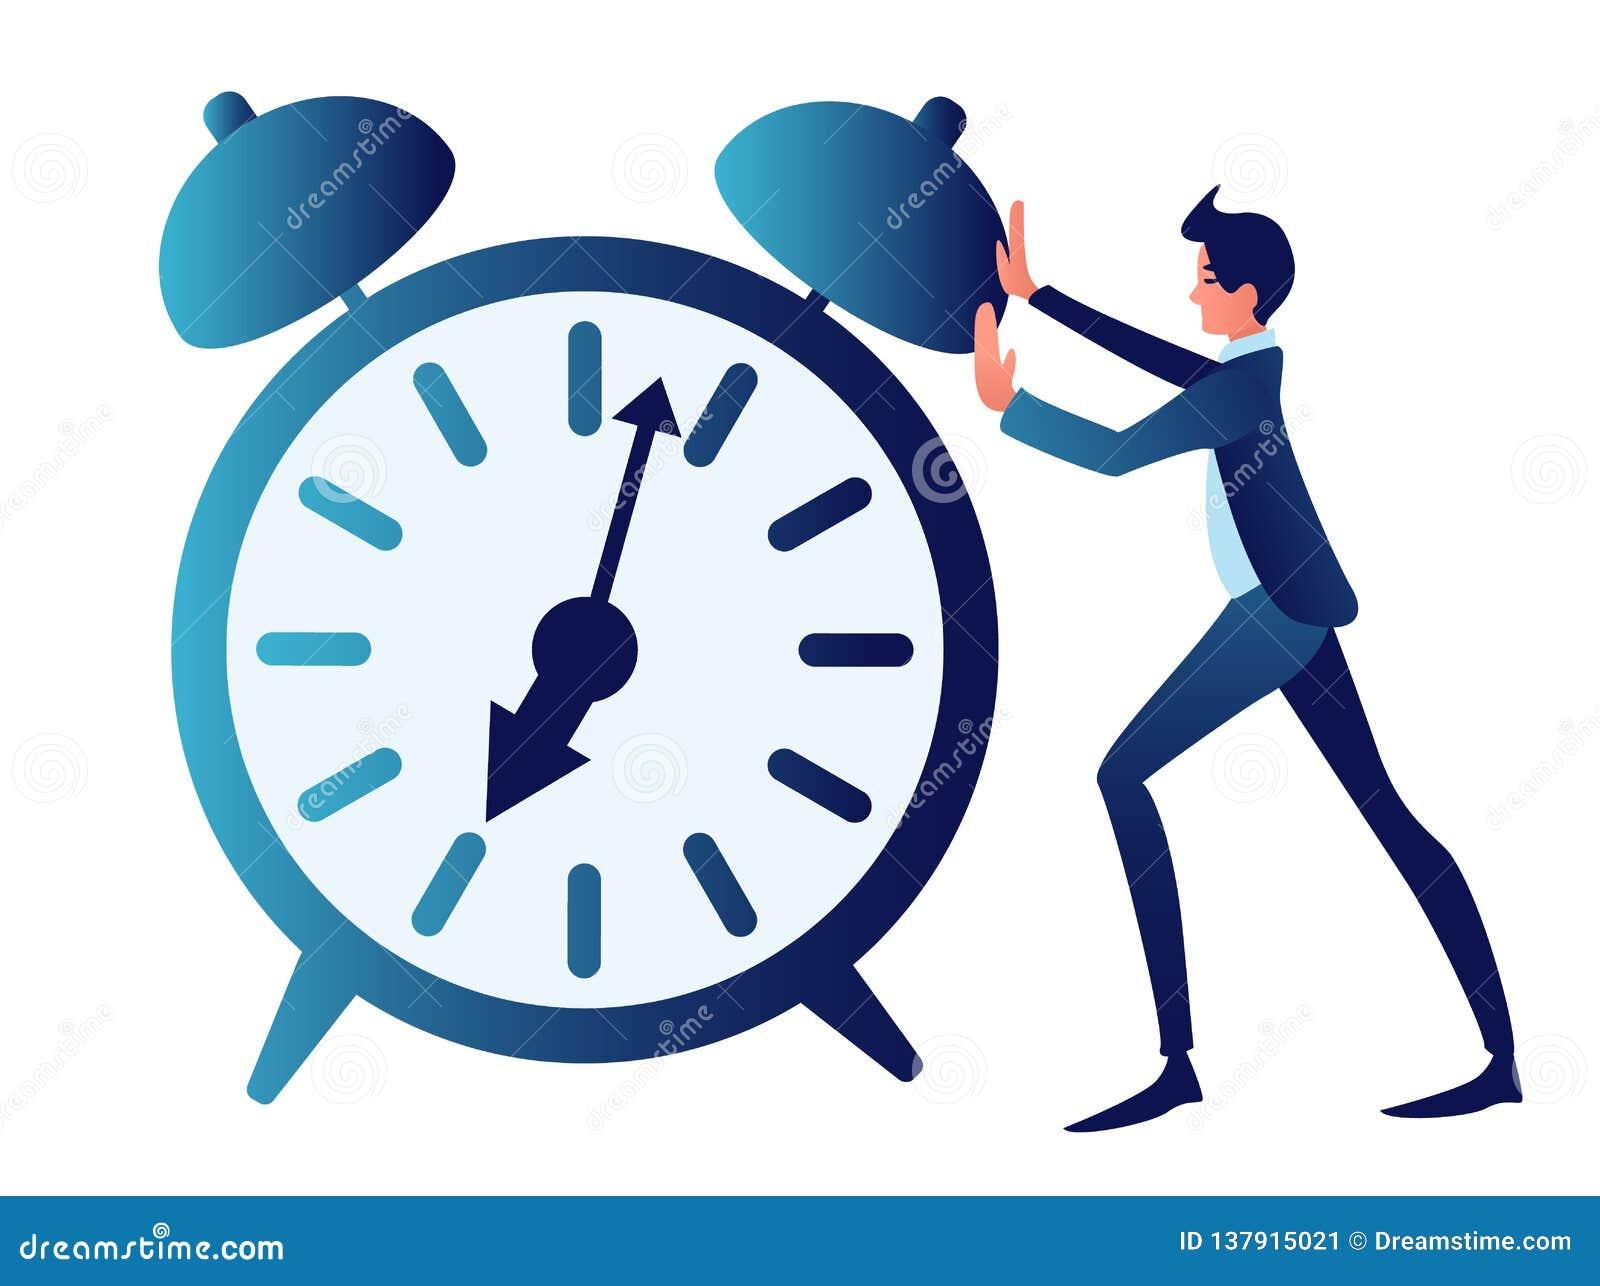 Дополнительное время, неоднозначное, контроль времени Абстрактная концепция, бизнесмен нажимает часы В минималистичном стиле